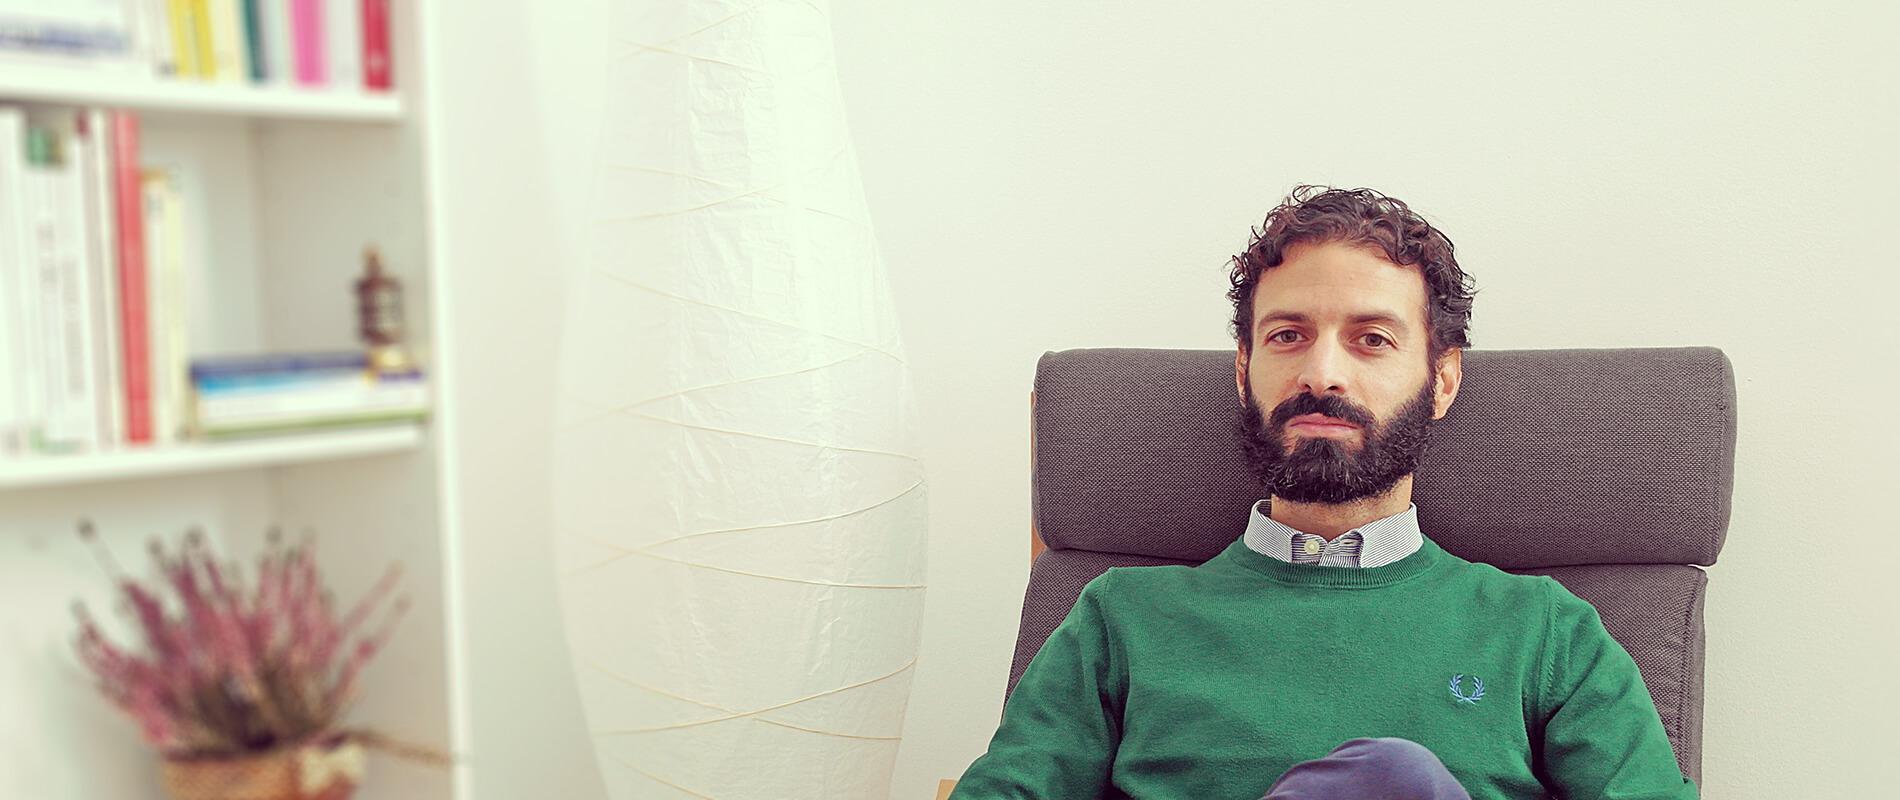 Davide Motta, Psicologo clinico e psicoterapeuta